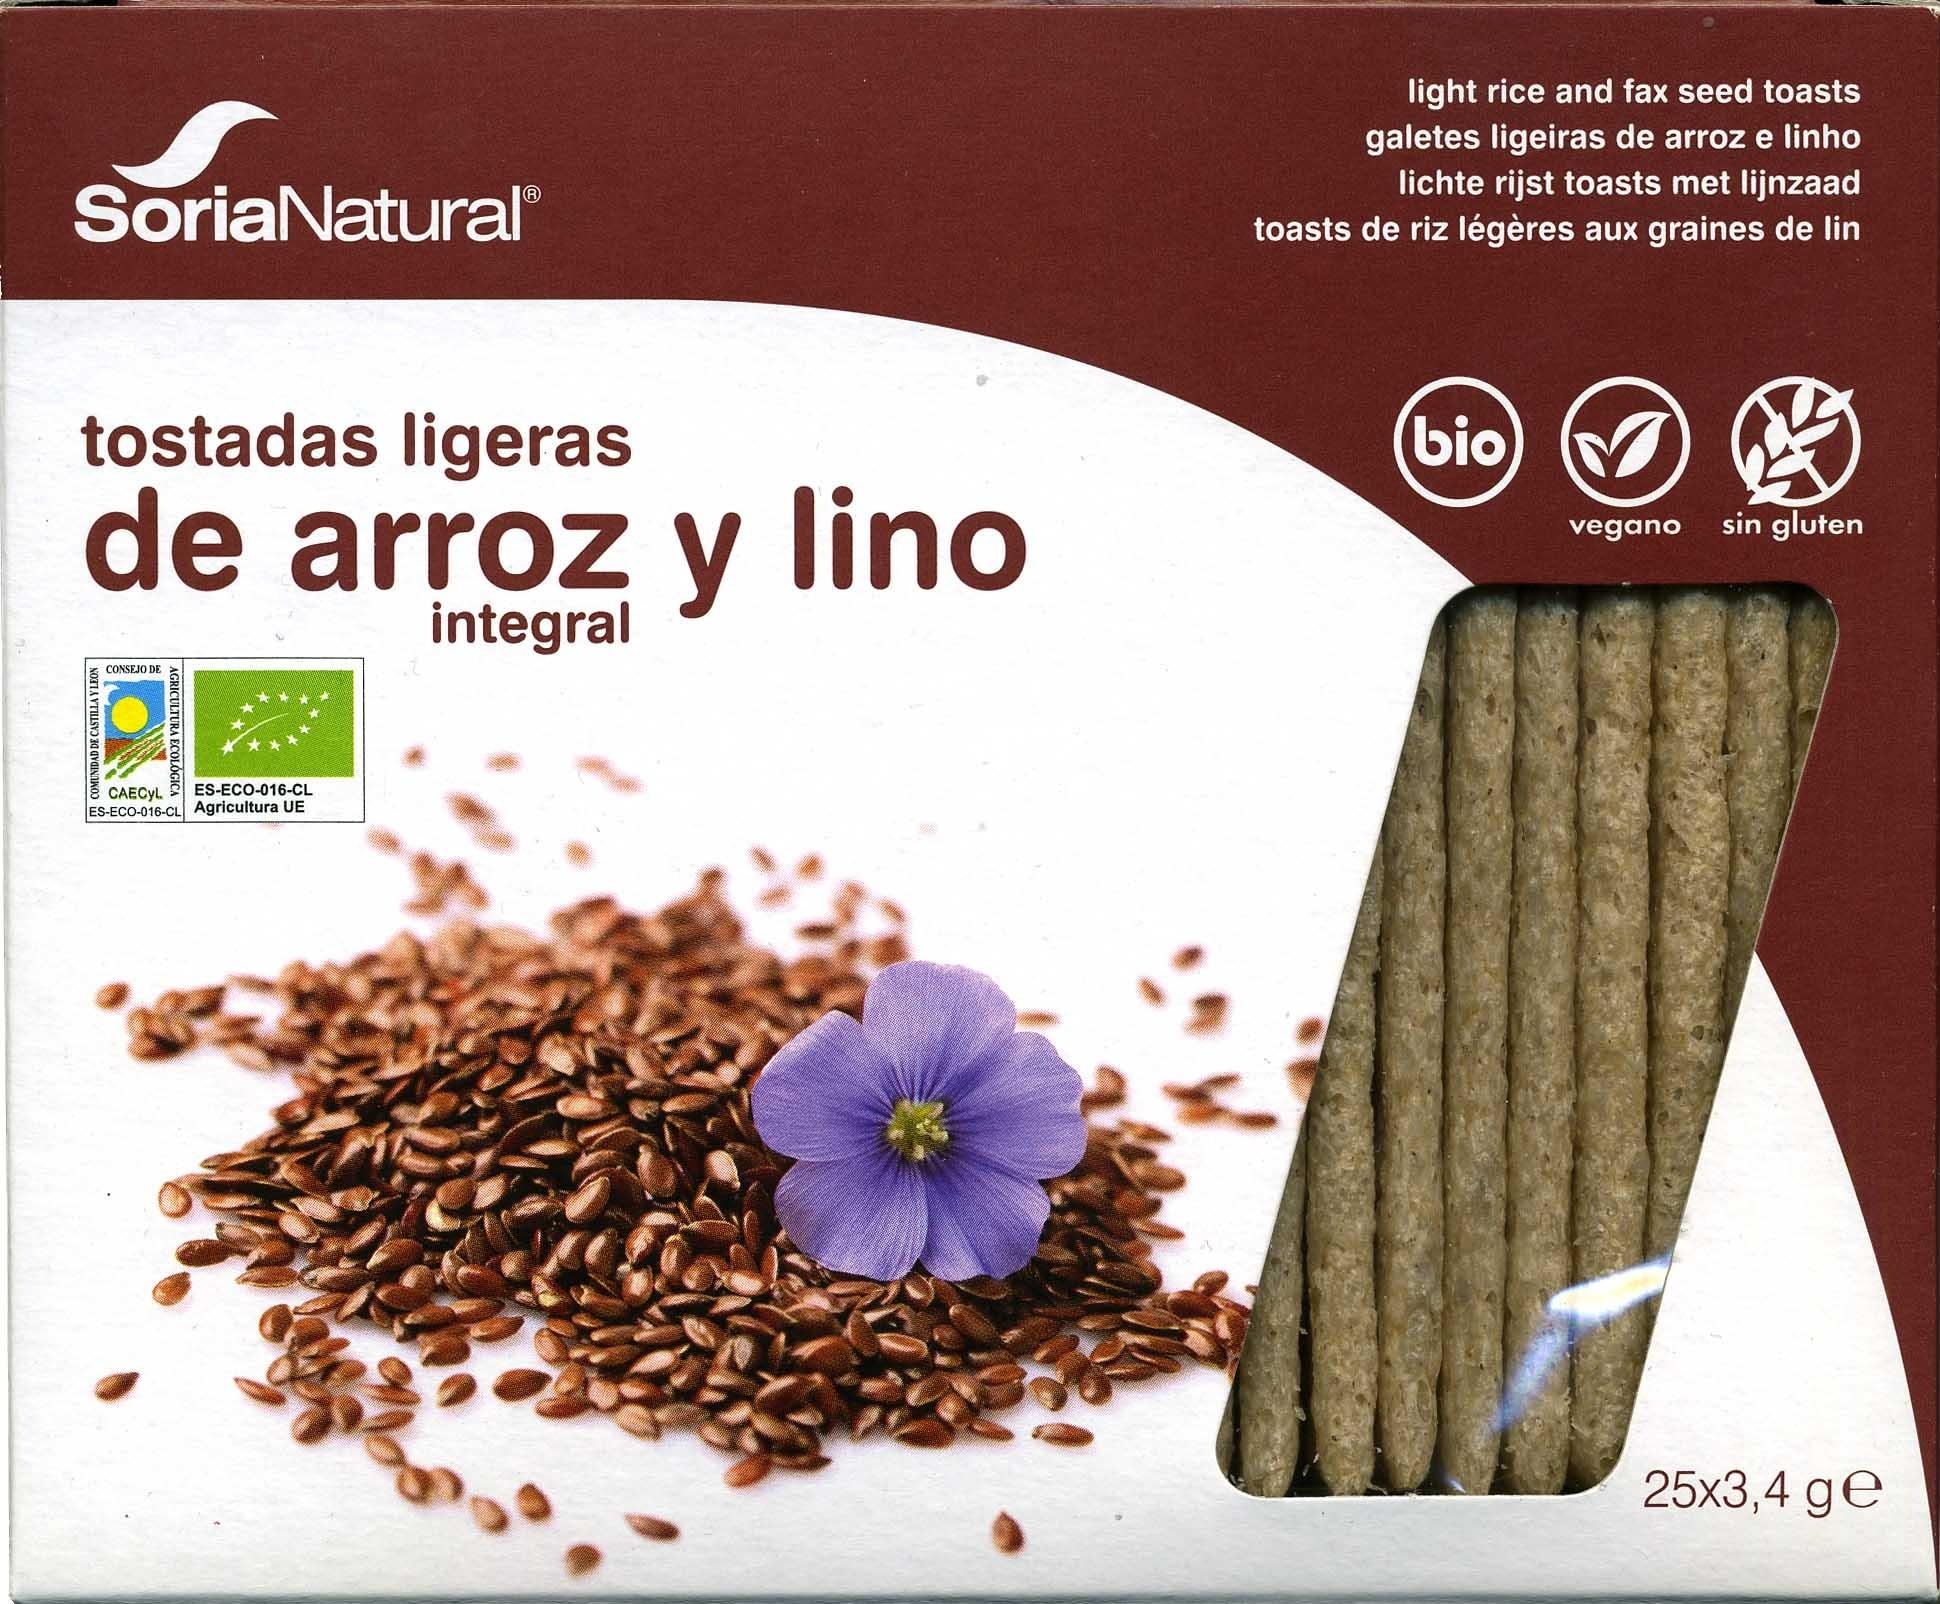 Tostadaa ligeras arroz integral y lino - Producto - es